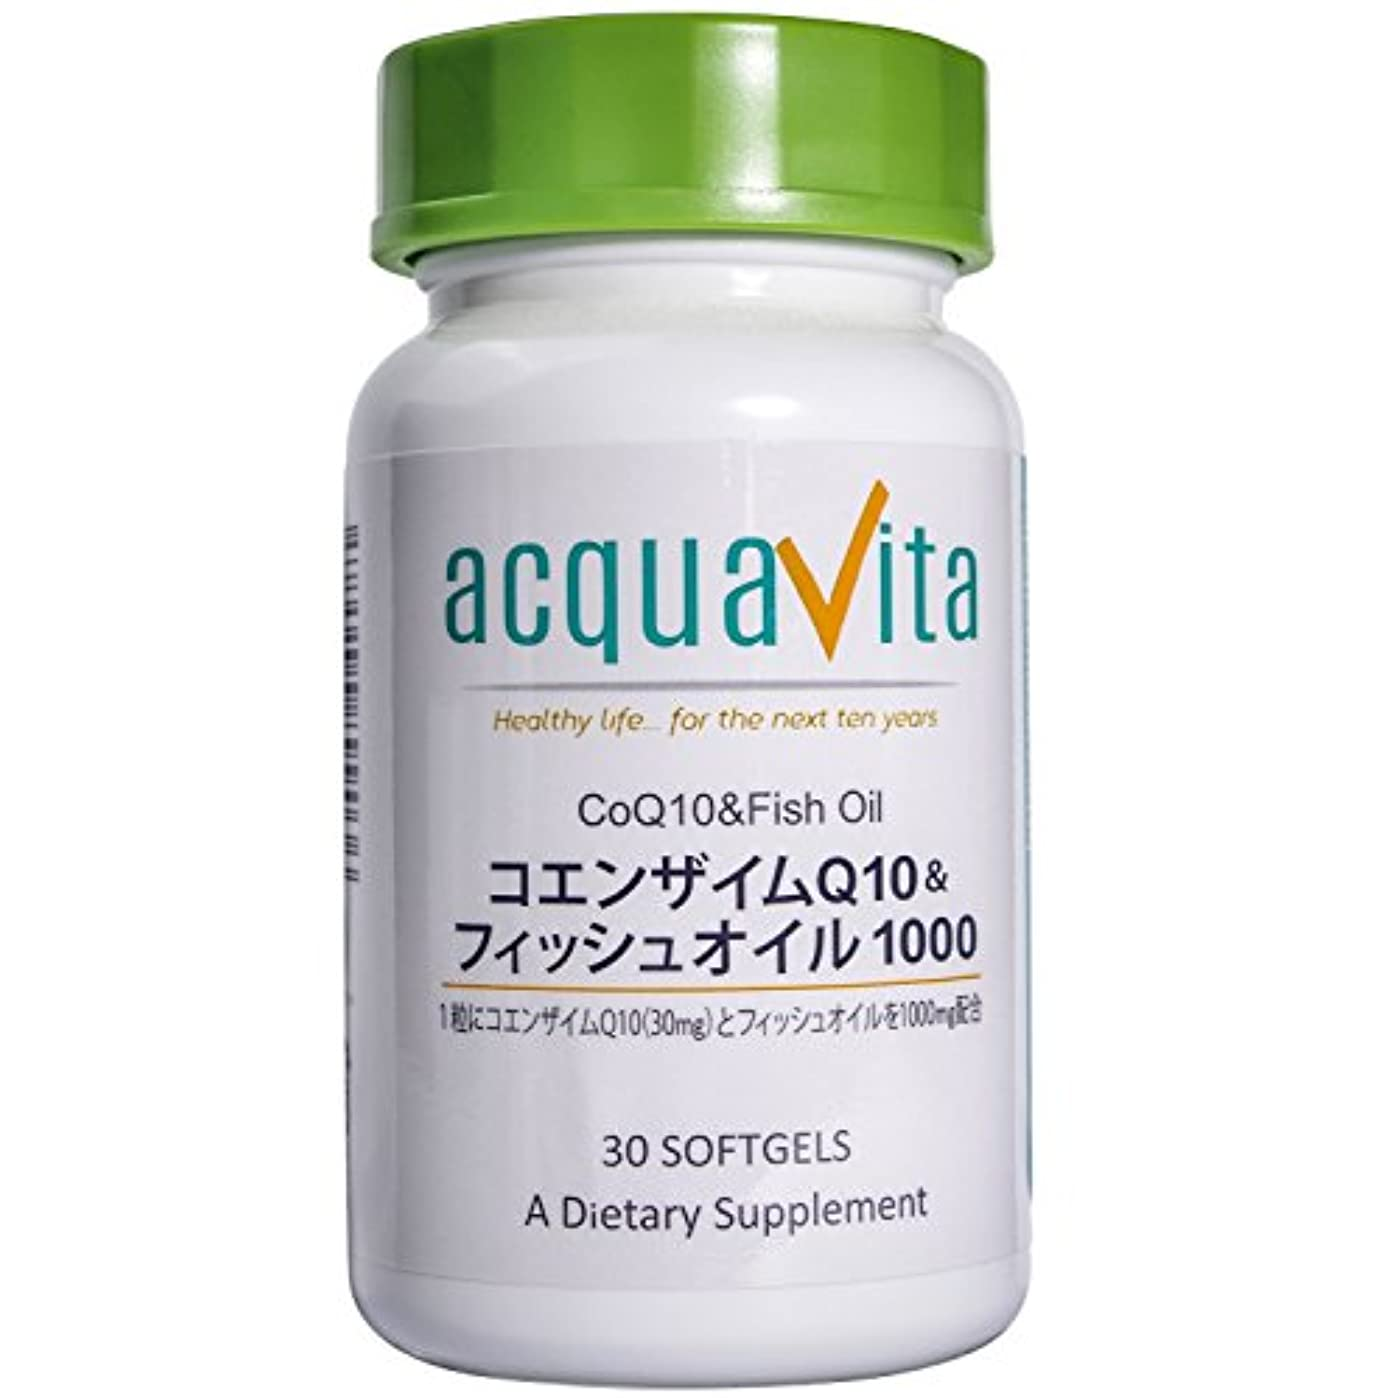 施しがっかりするこれらAcqua vita(アクアヴィータ)コエンザイムQ10&フィッシュオイル1000 30粒